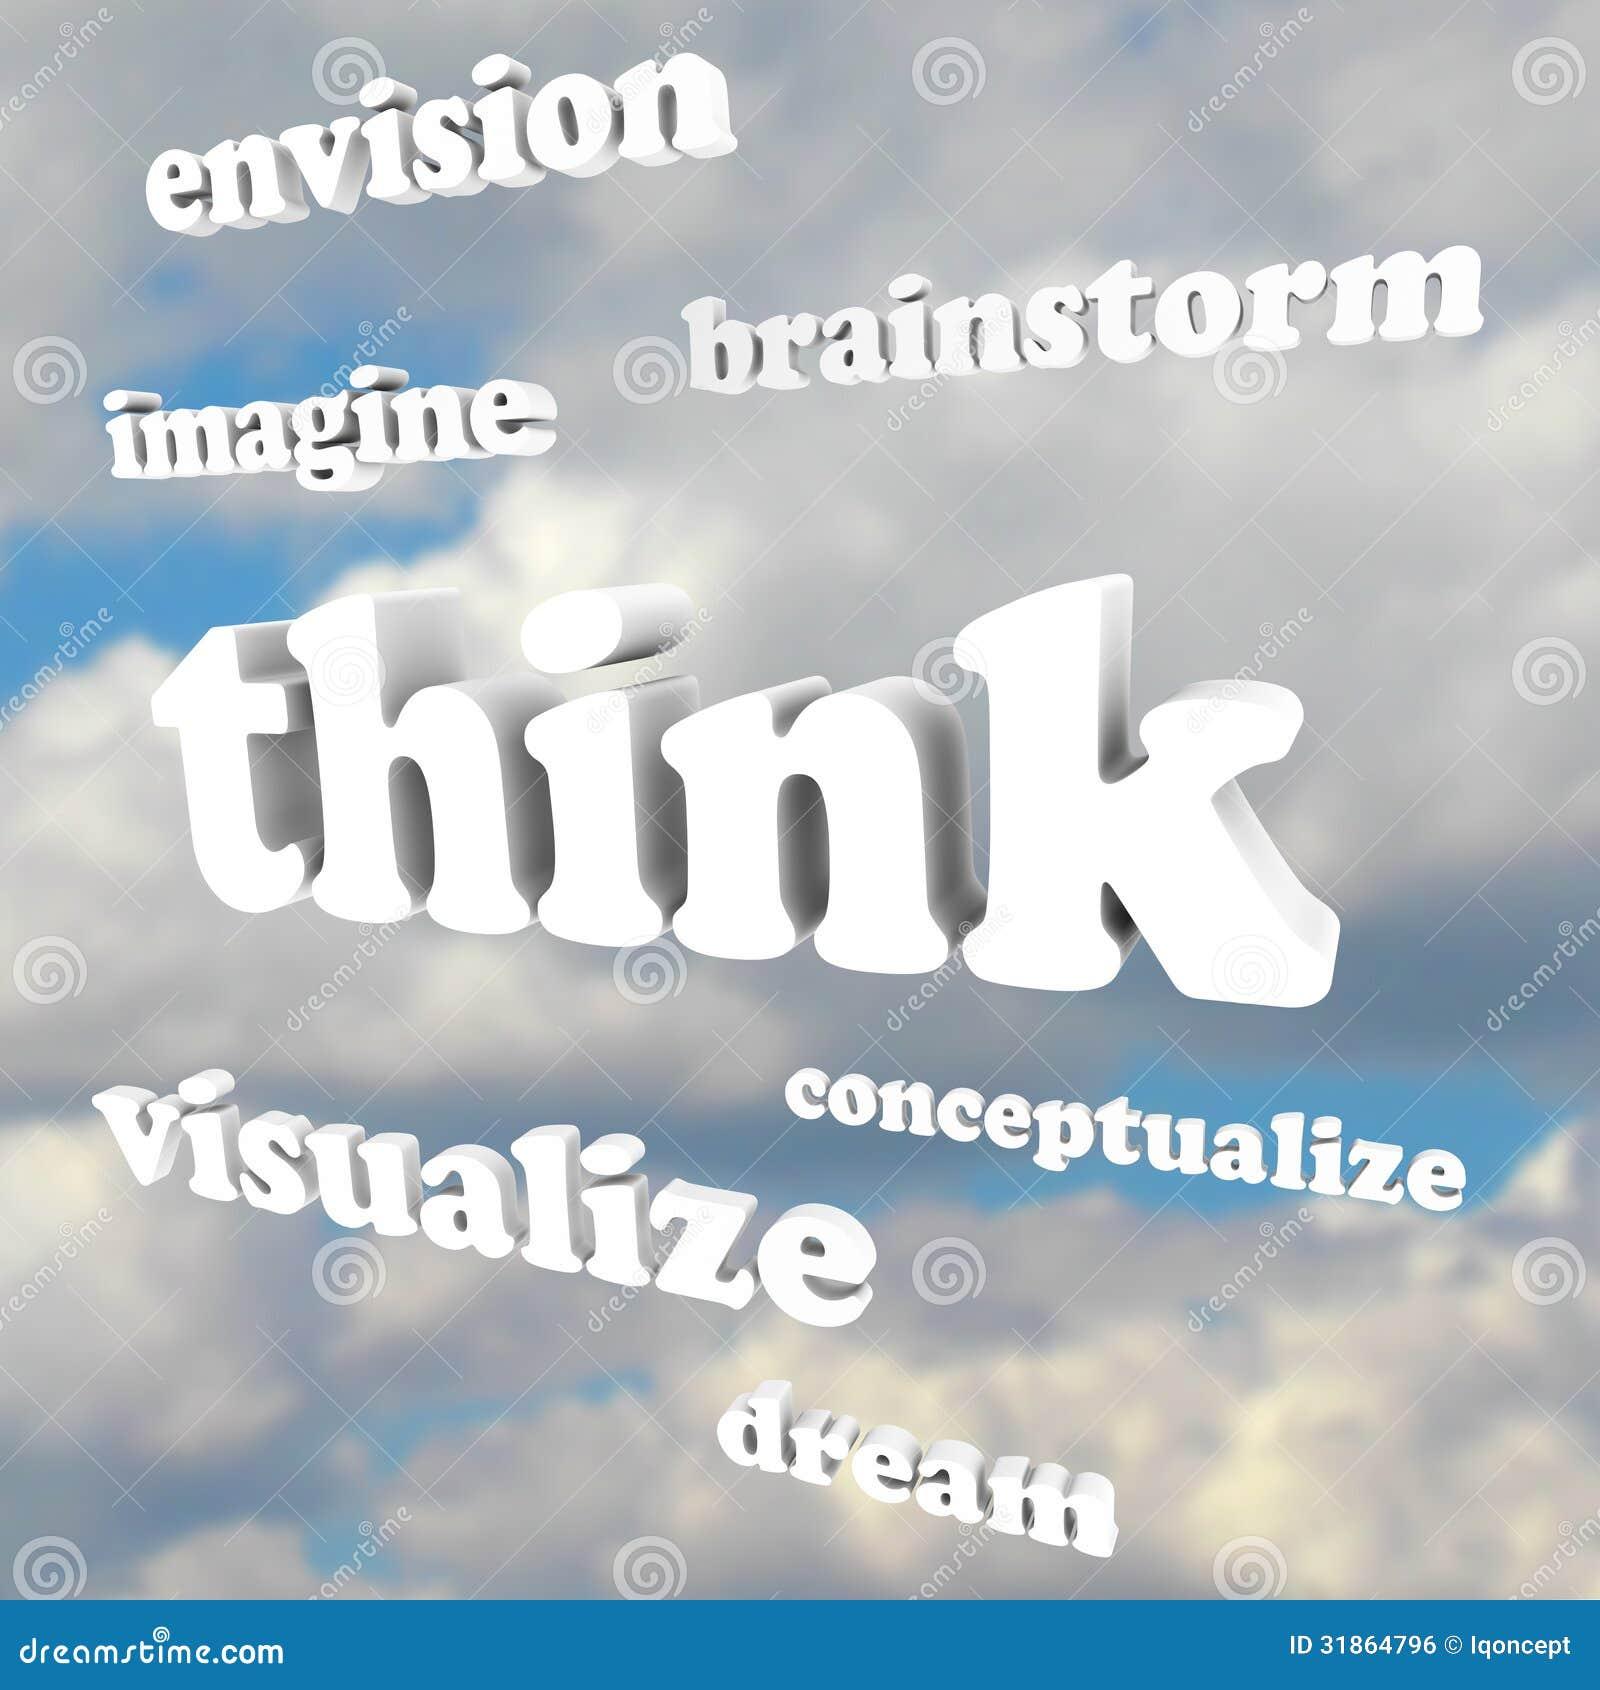 Pense palavras no céu - imagine ideias e sonhos novos